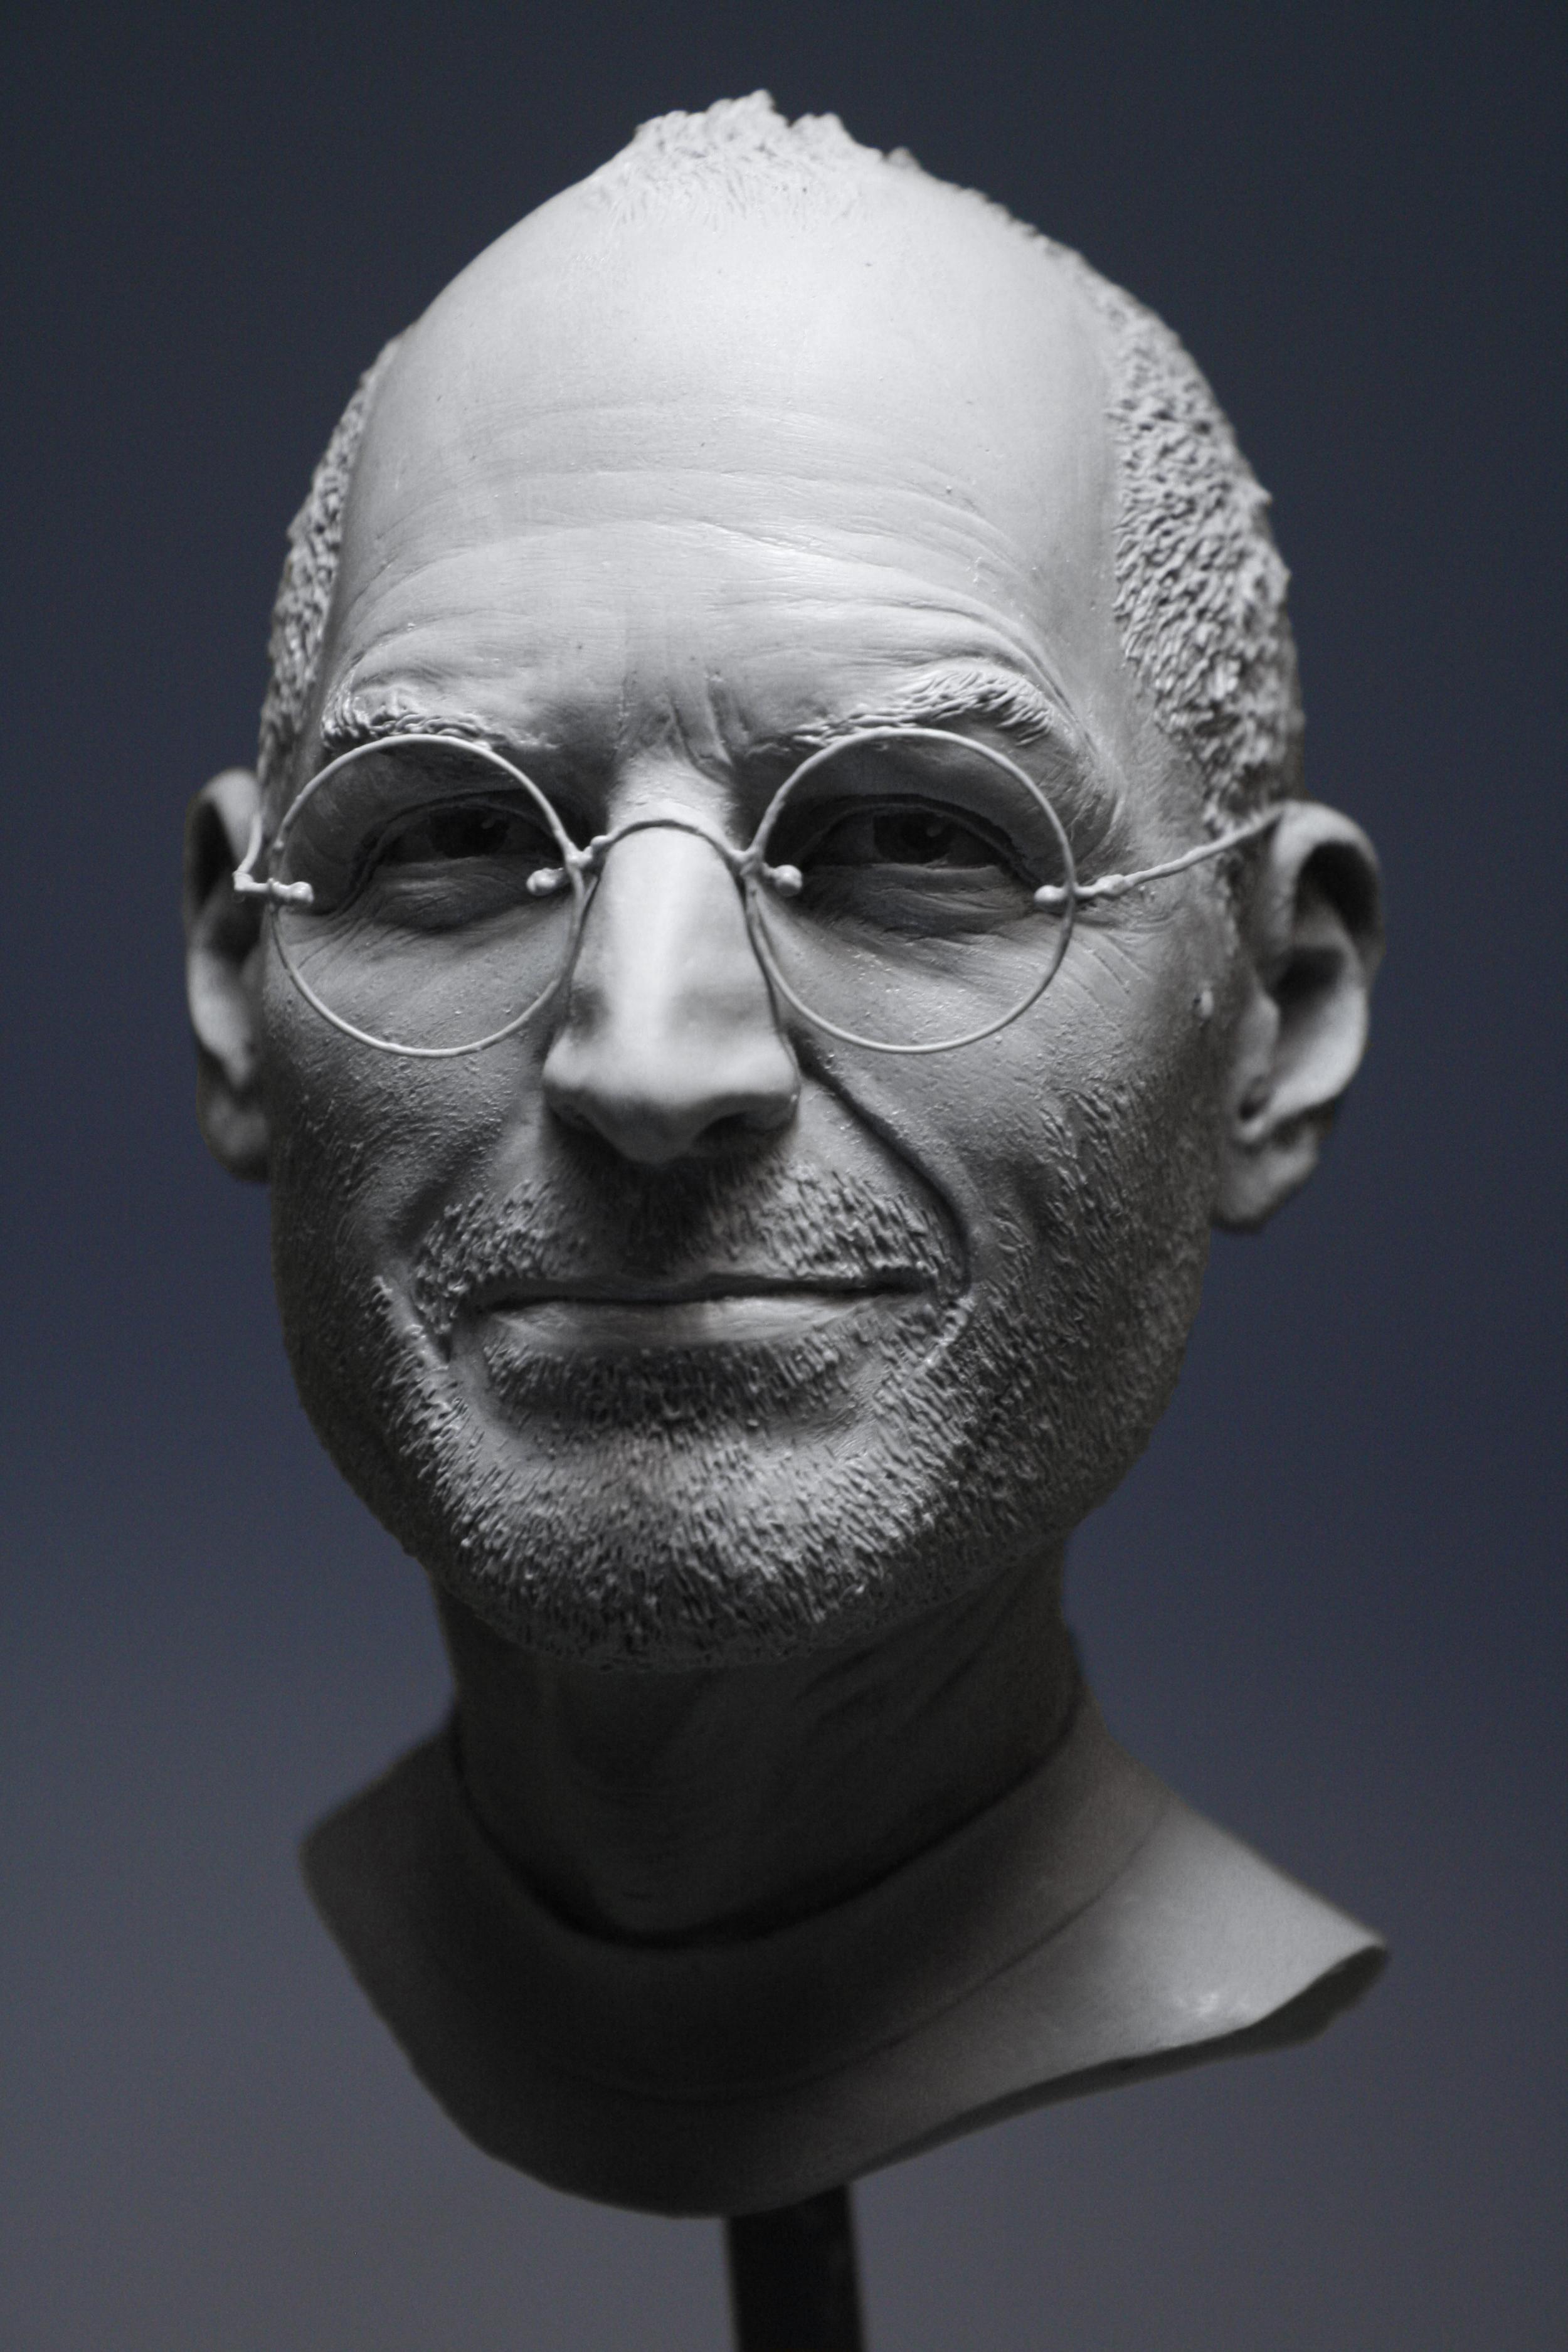 Steve Jobs 6.jpg